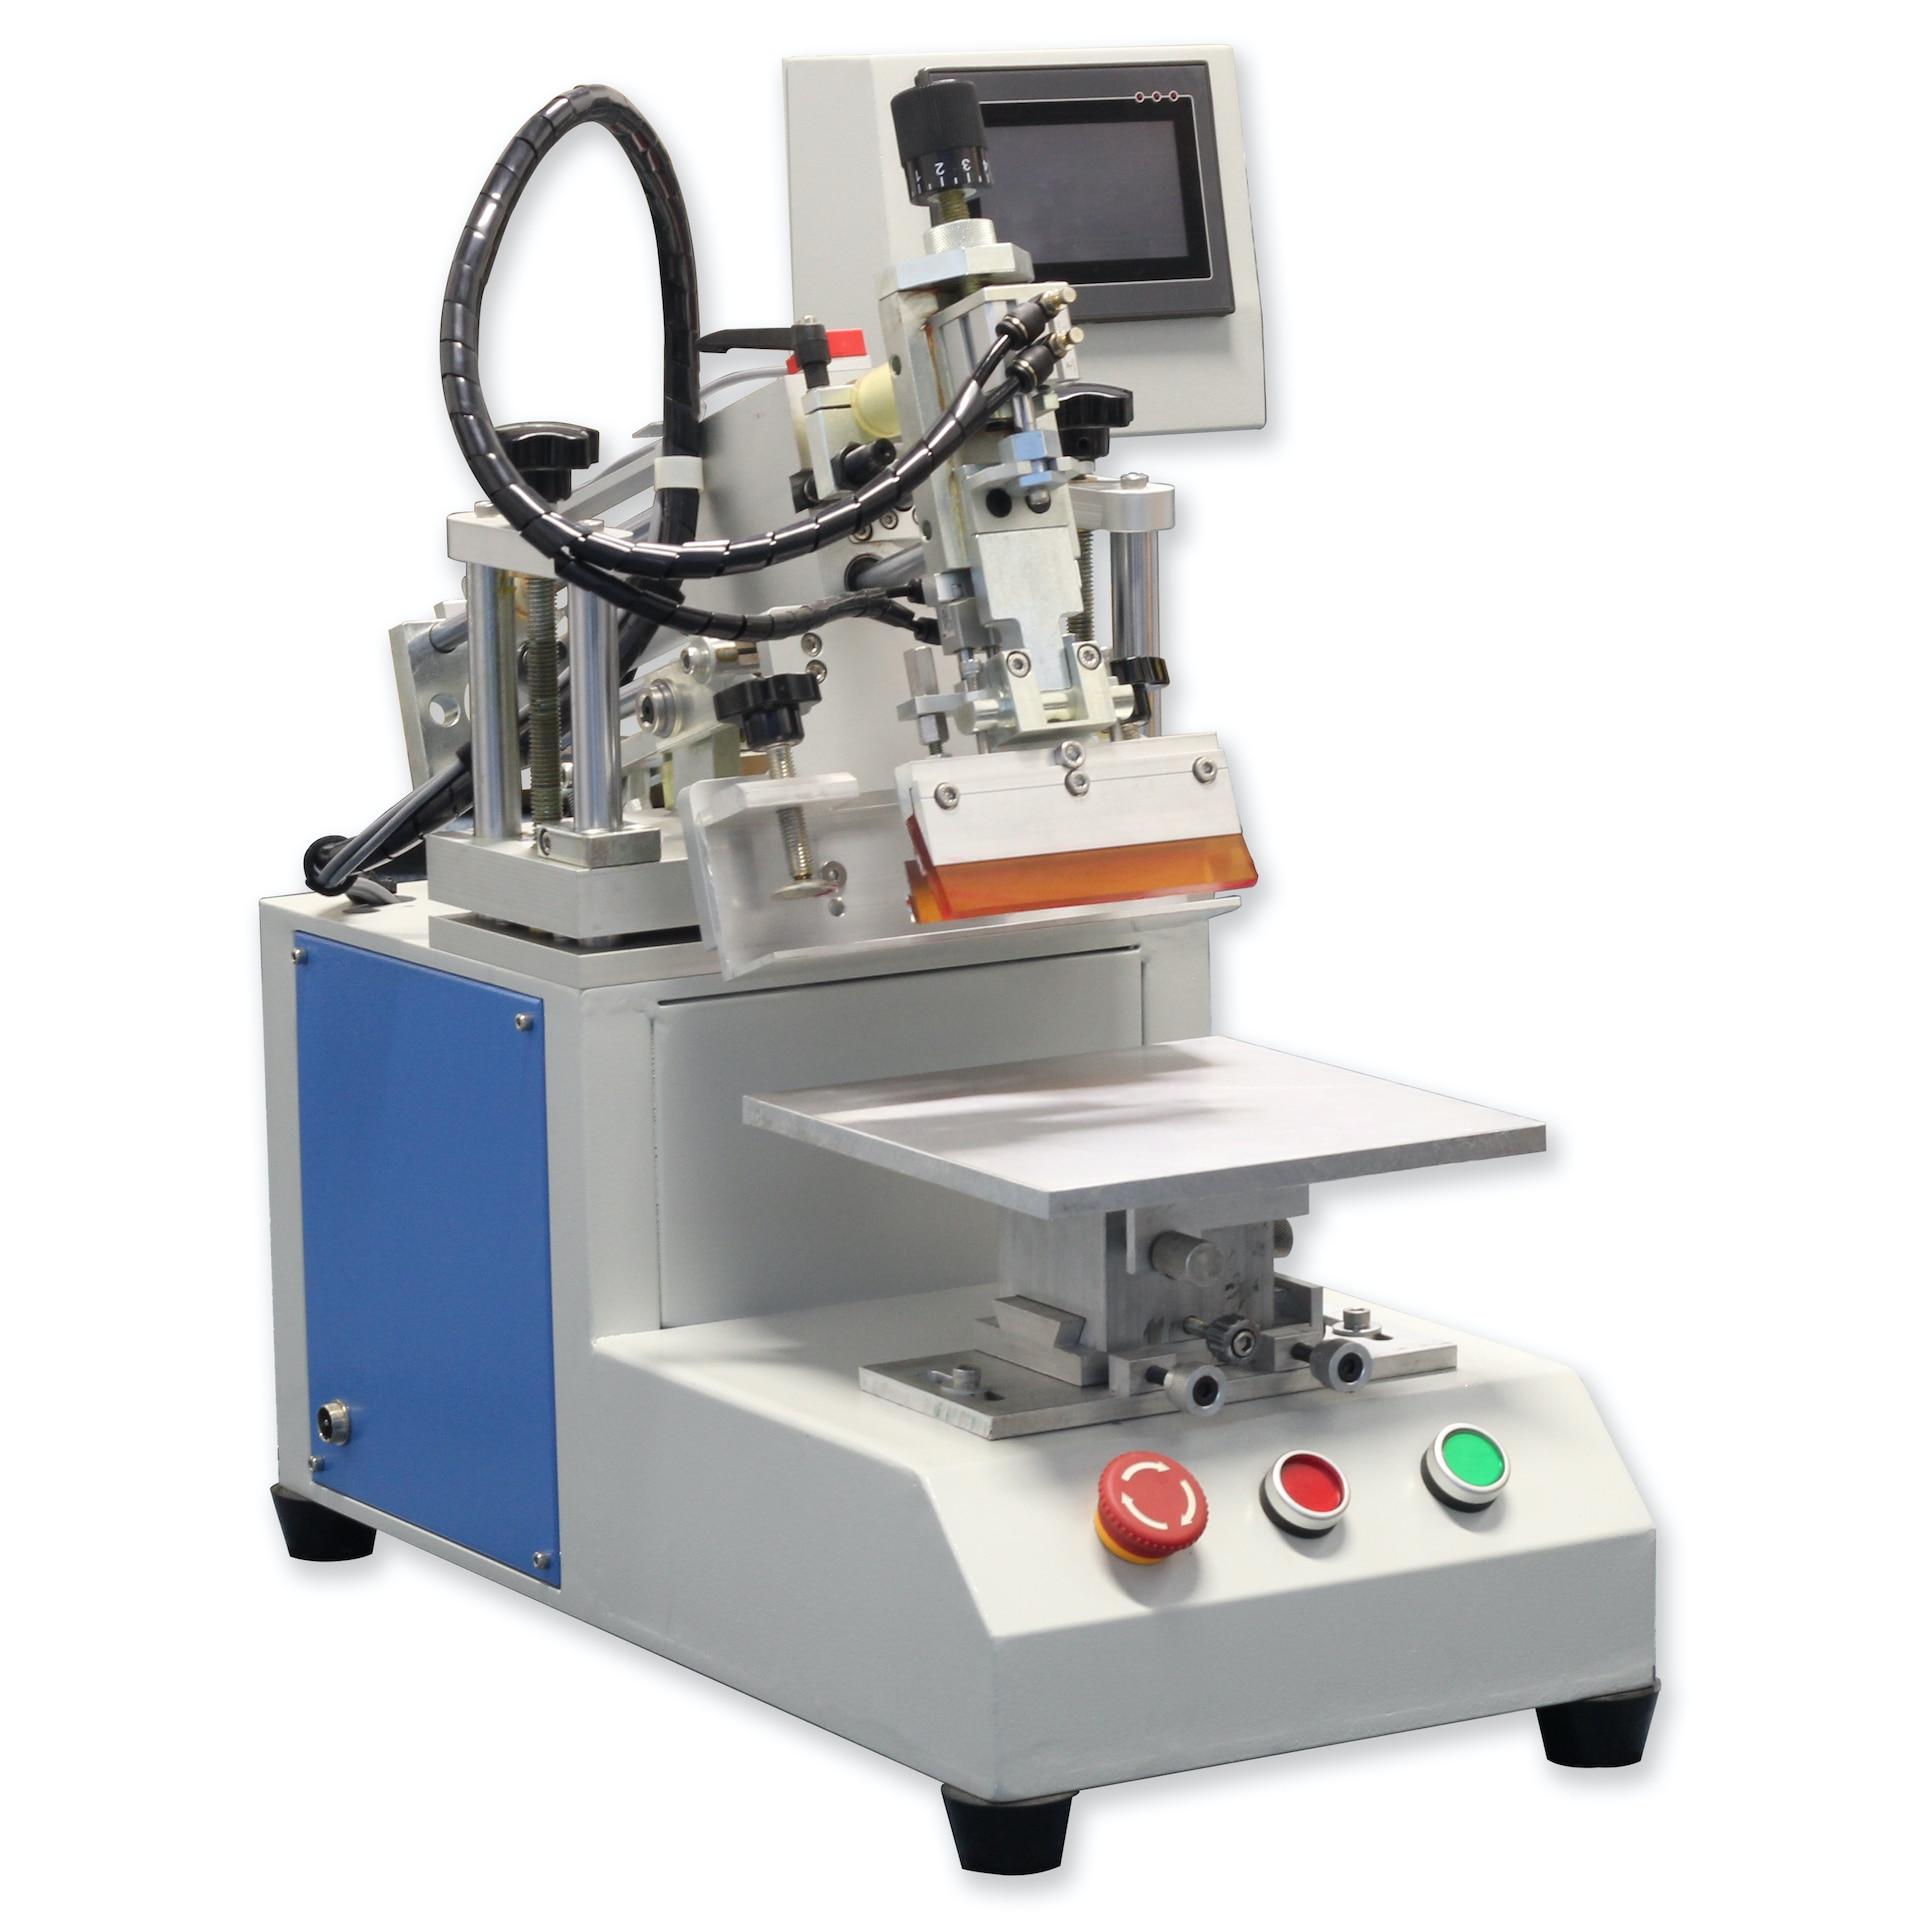 هزاز سطح المكتب المحمول نصف أوتوماتيكي 10 × 10 سنتيمتر ، آلة طباعة الشاشة ، لتزيين لوحة السيارة